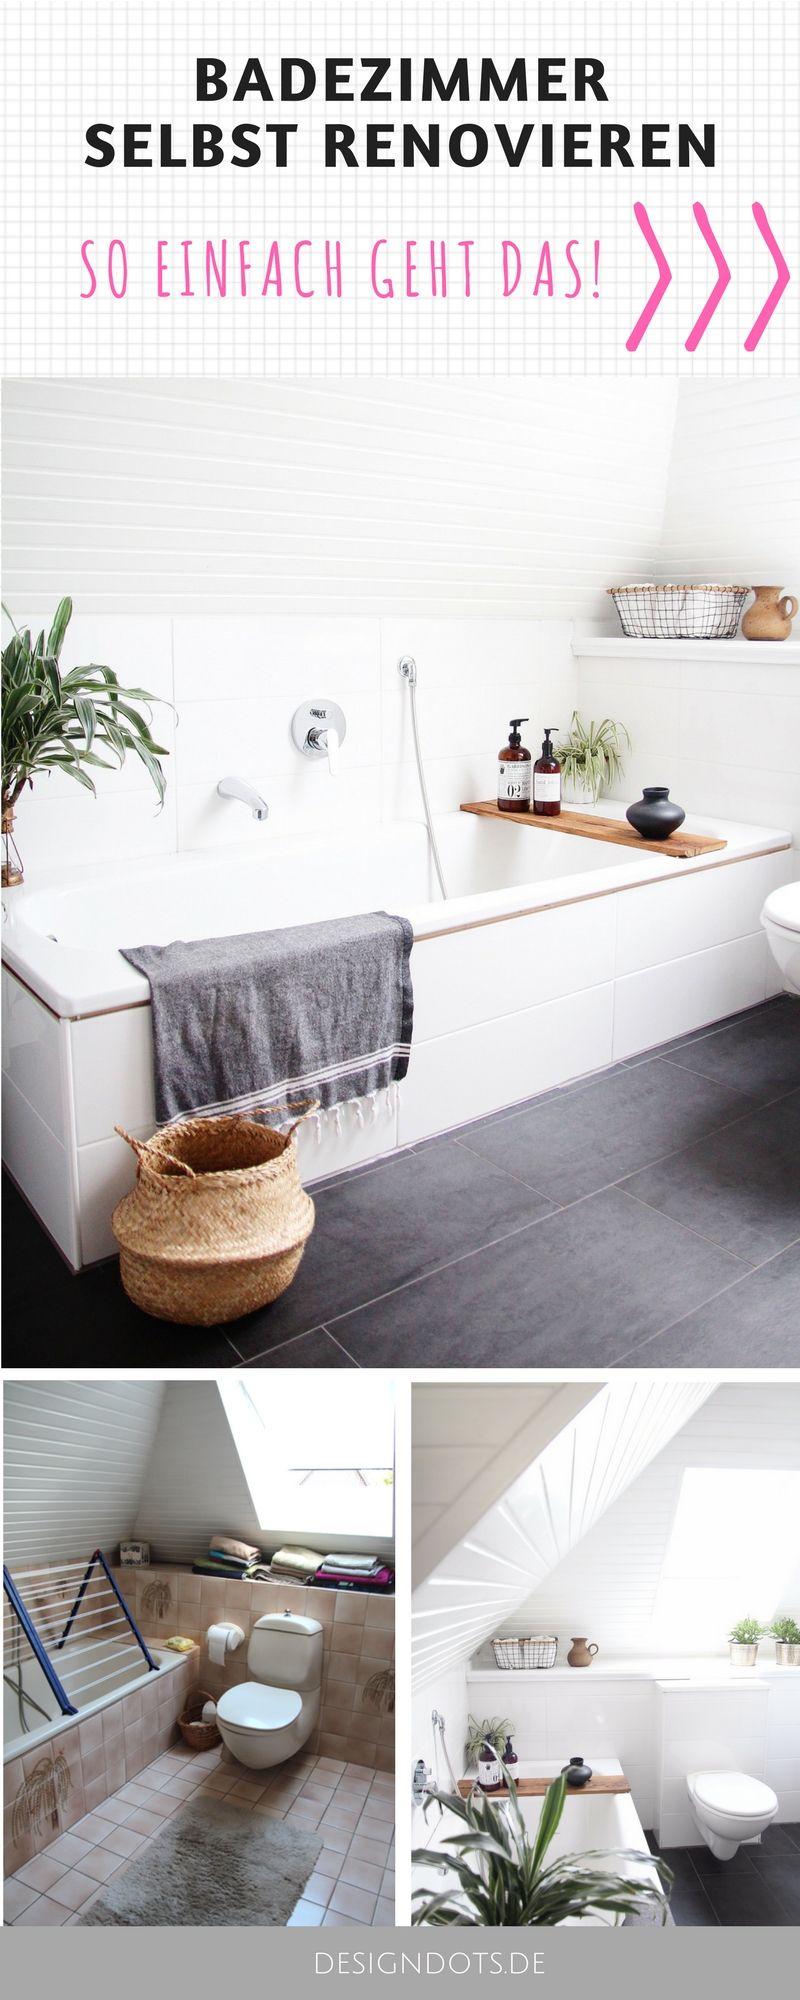 Badezimmer ideen klein grau badezimmer selbst renovieren vorhernachher  hygge and interiors